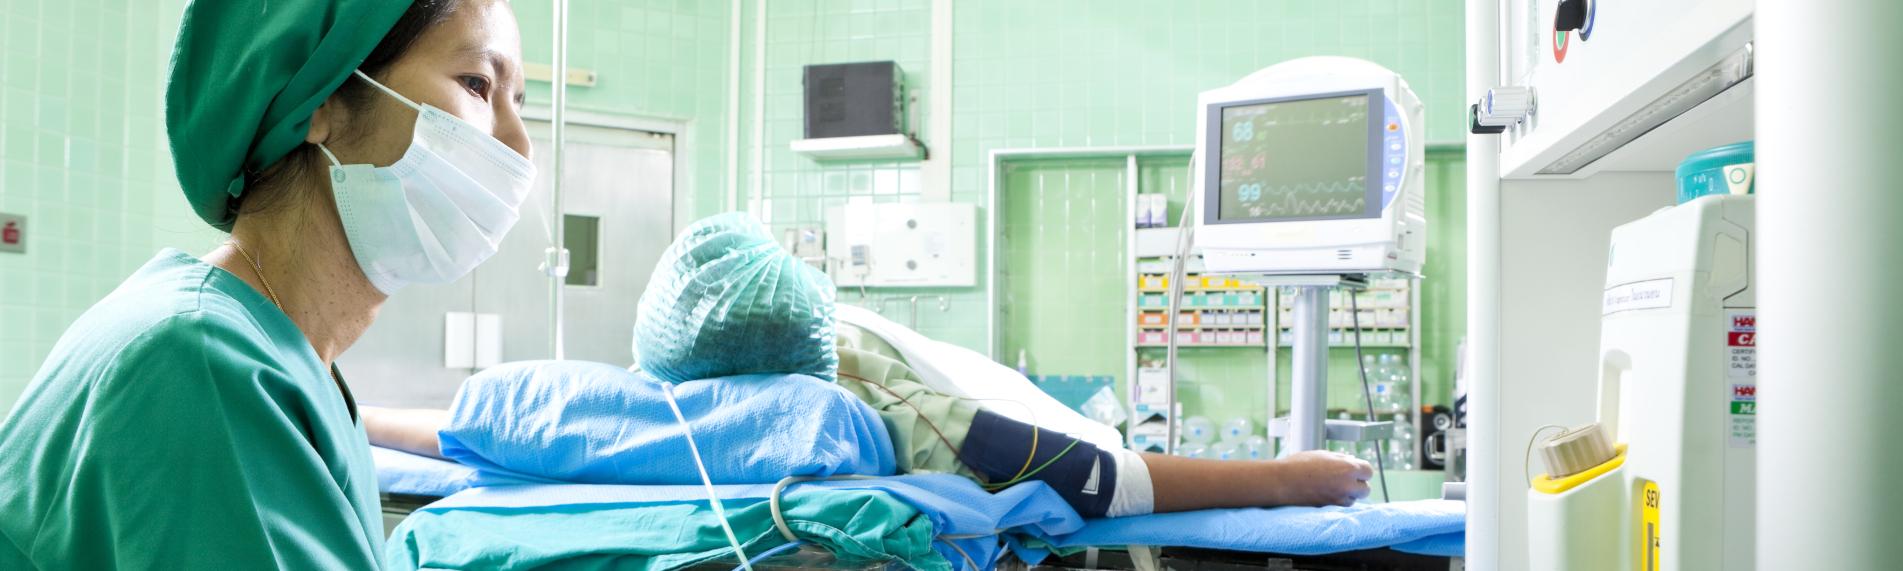 Vårdrelaterade infektioner kan minskas med rätt fuktighet